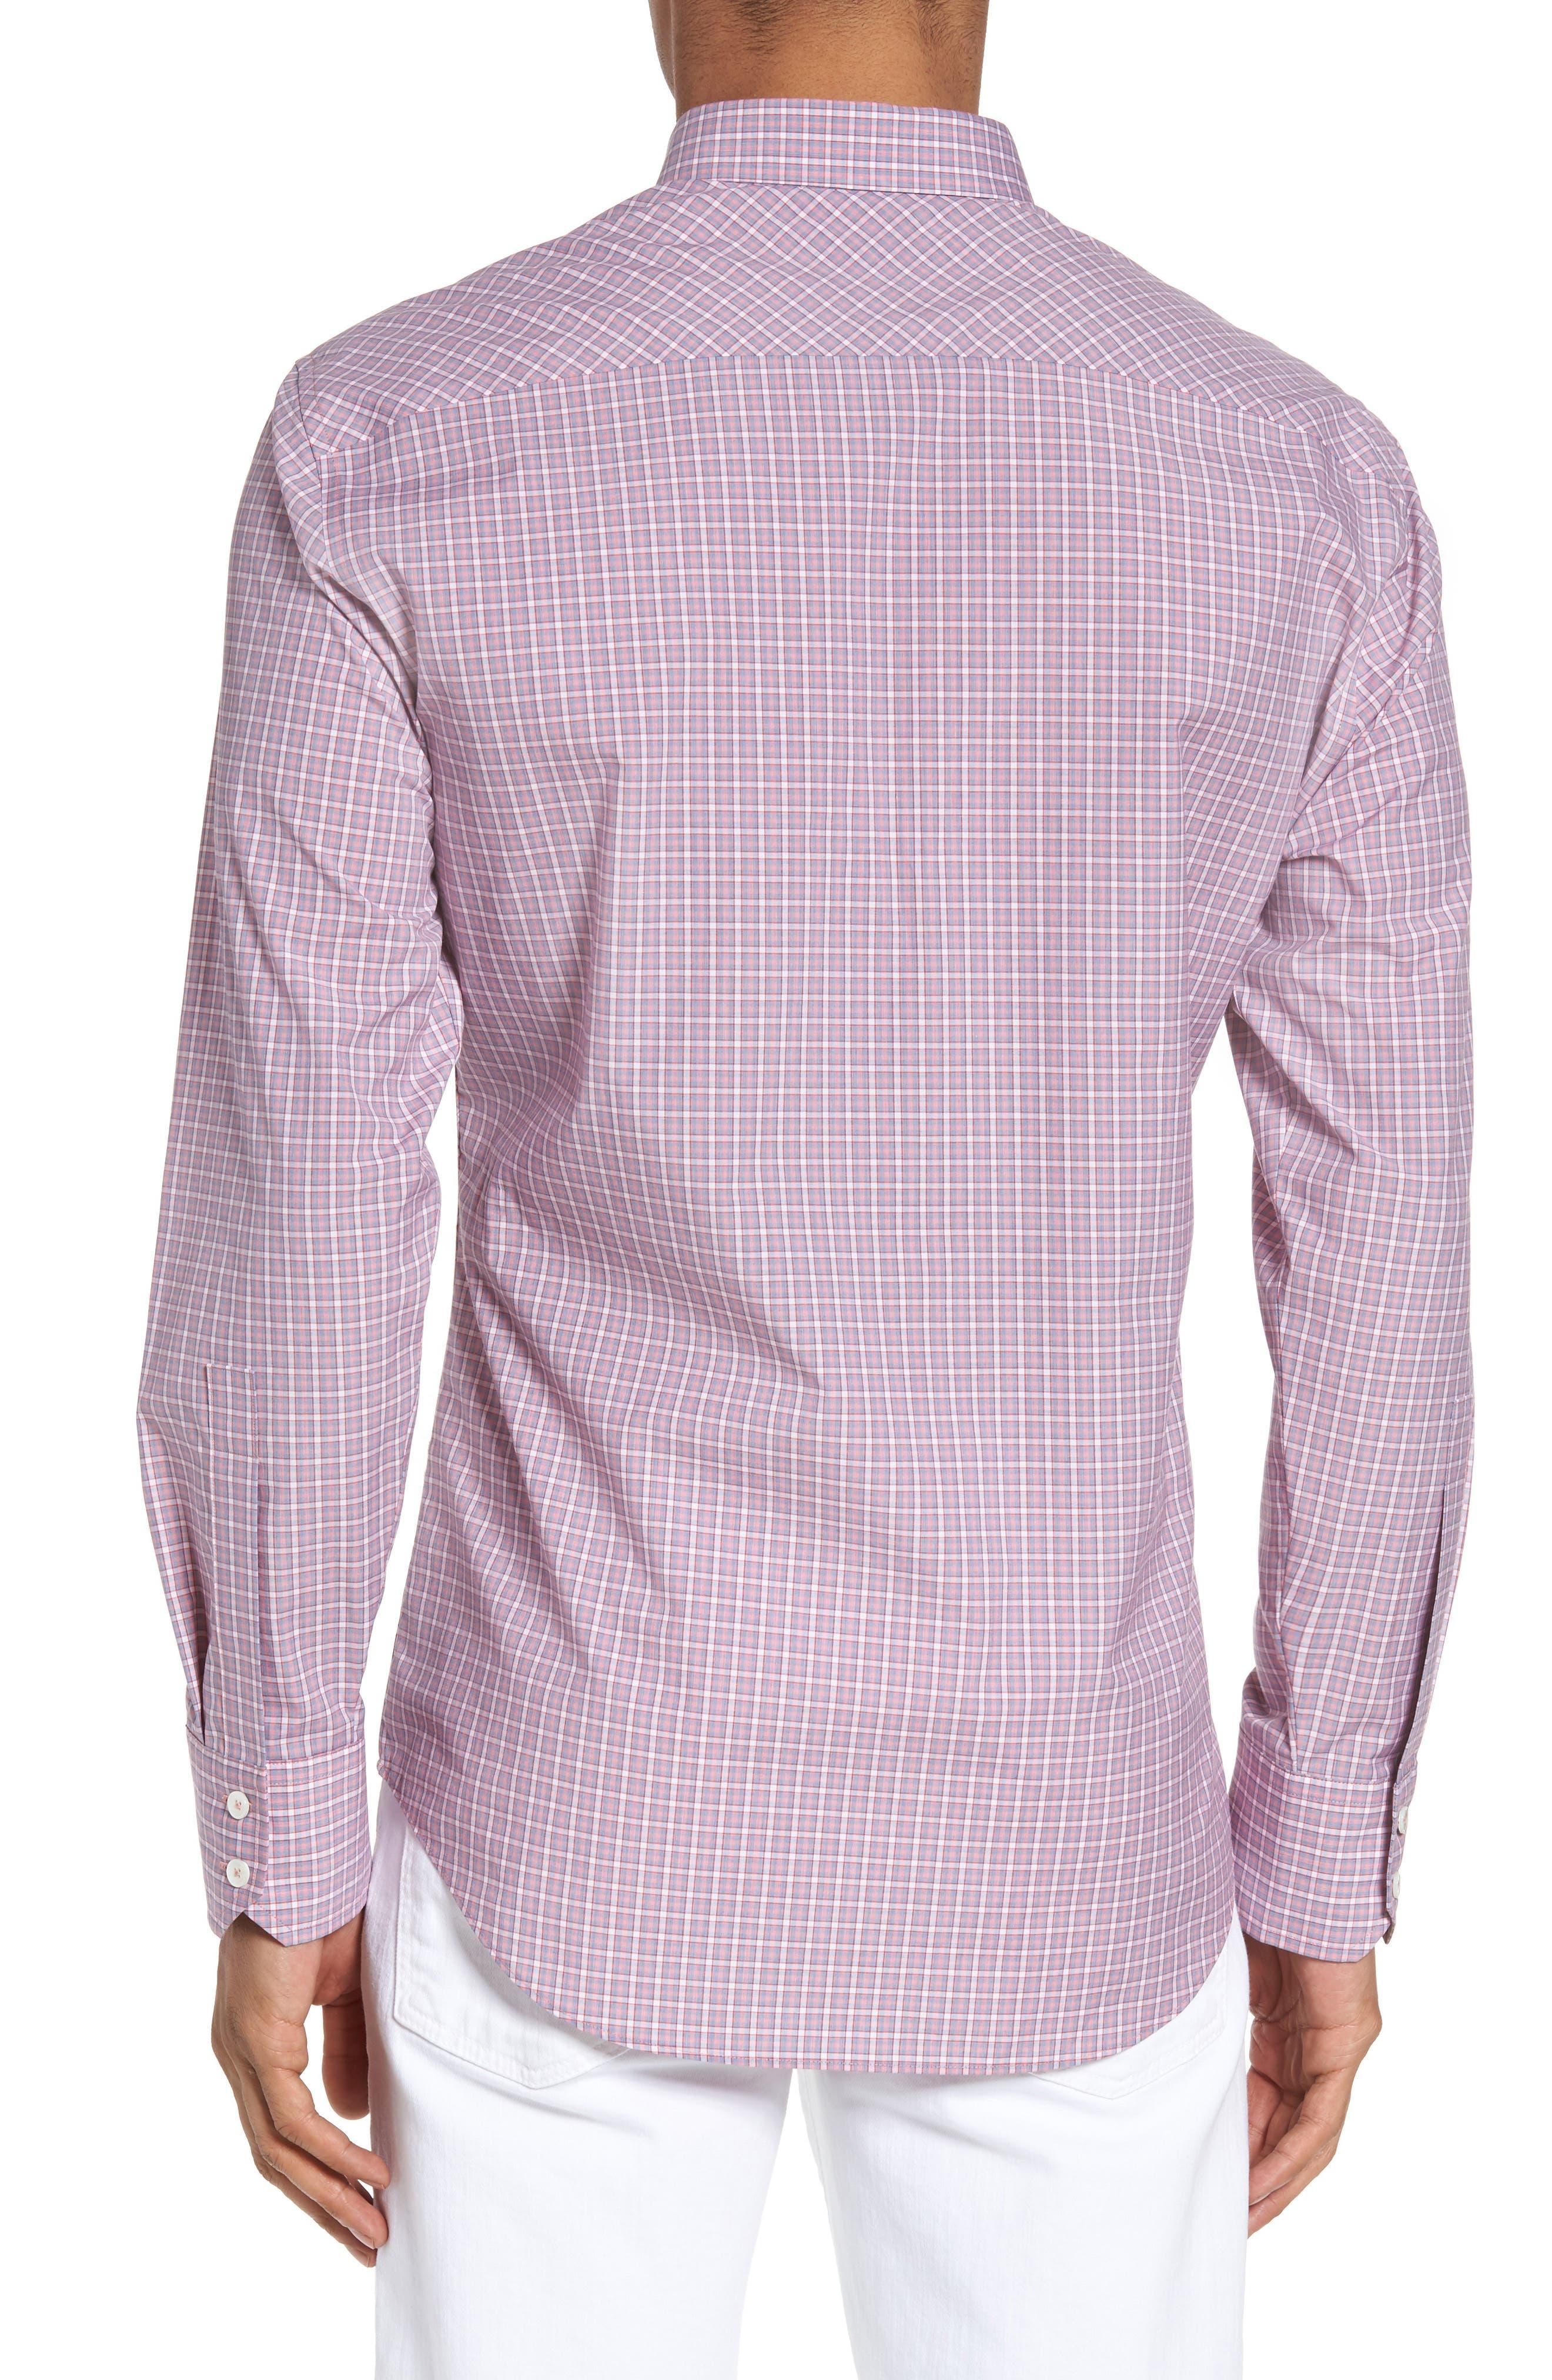 Balestier Trim Fit Plaid Sport Shirt,                             Alternate thumbnail 2, color,                             Pink